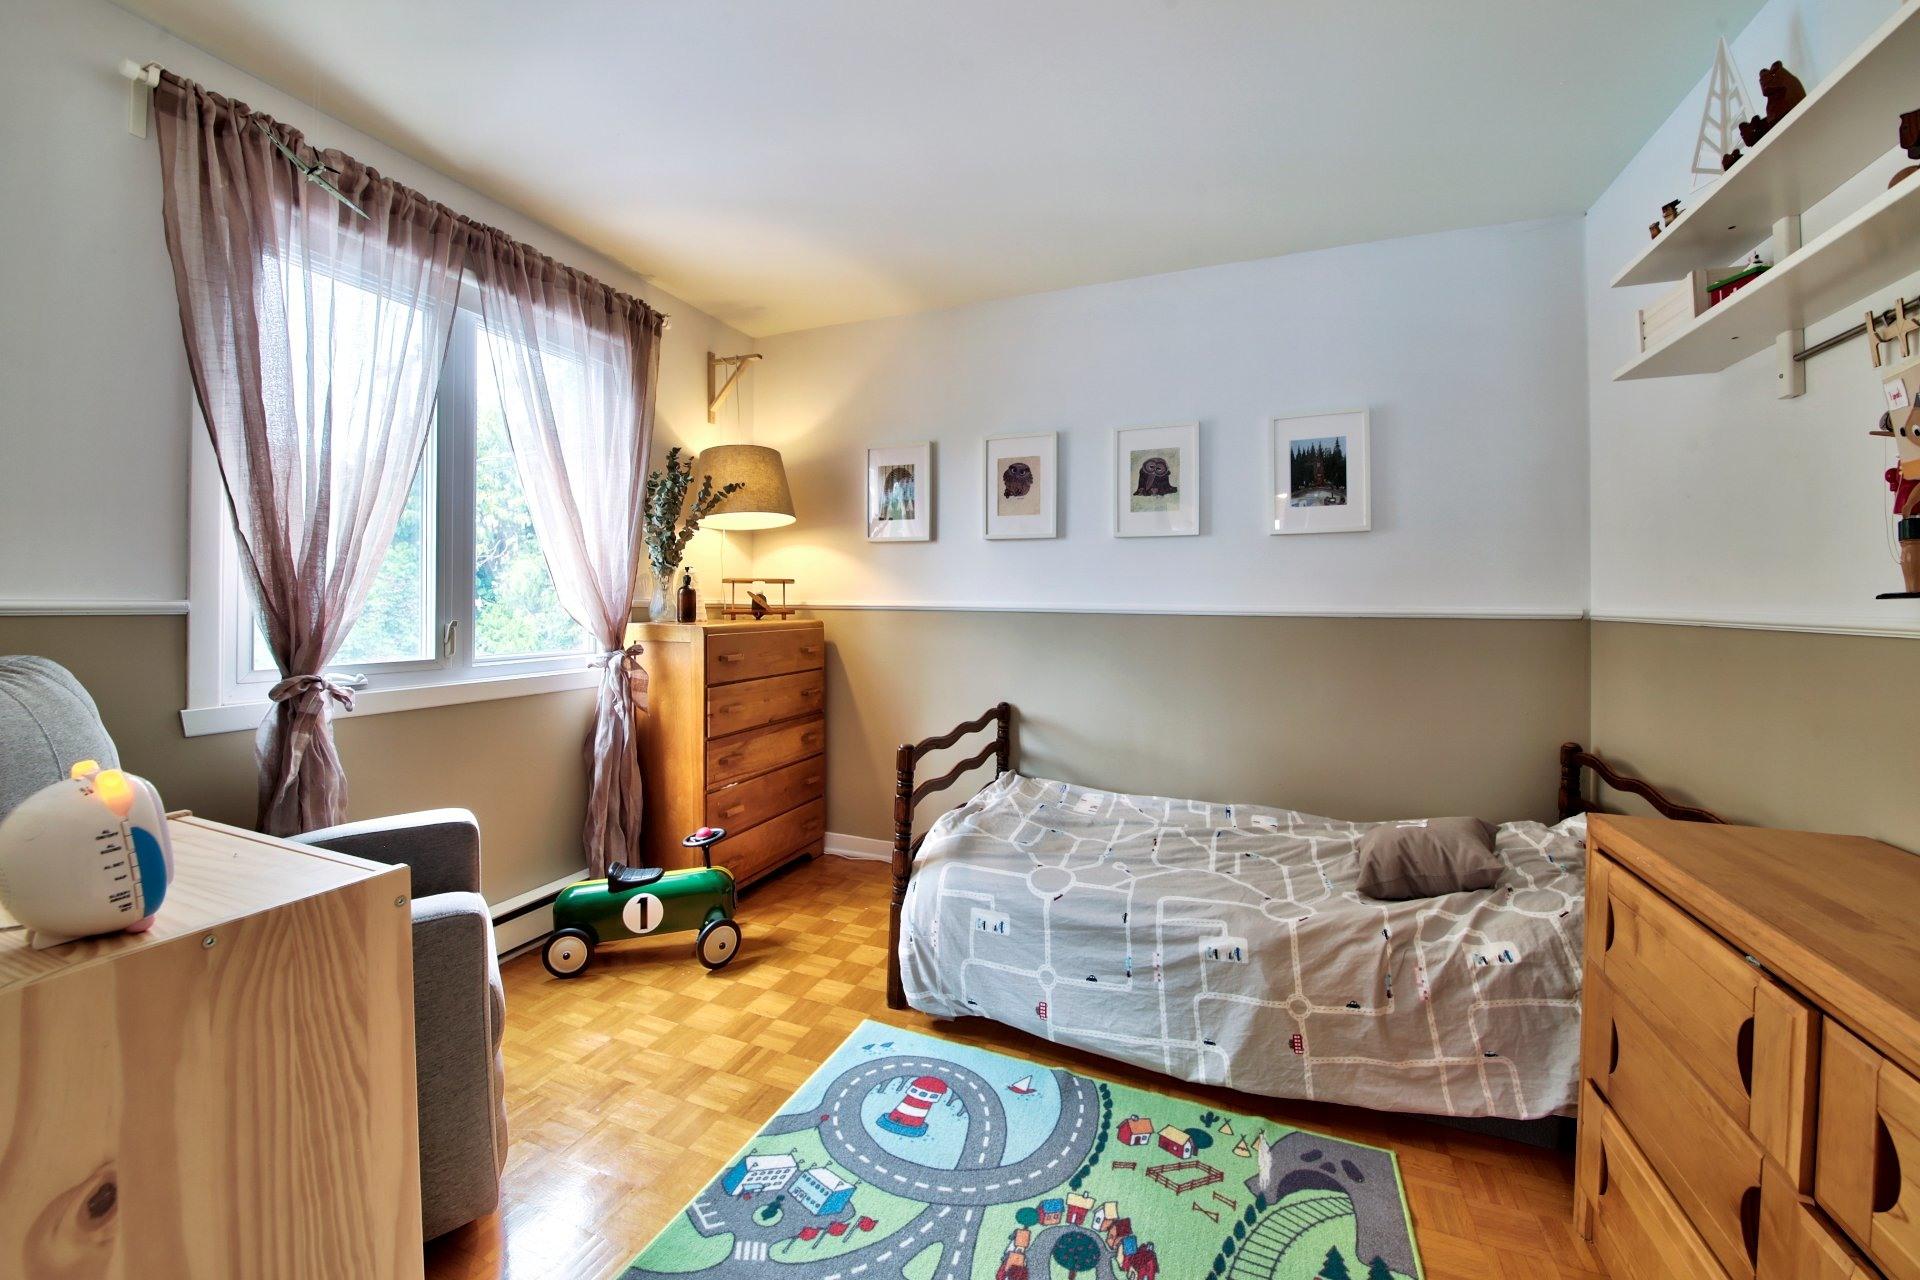 image 15 - Maison À vendre Sainte-Rose Laval  - 7 pièces